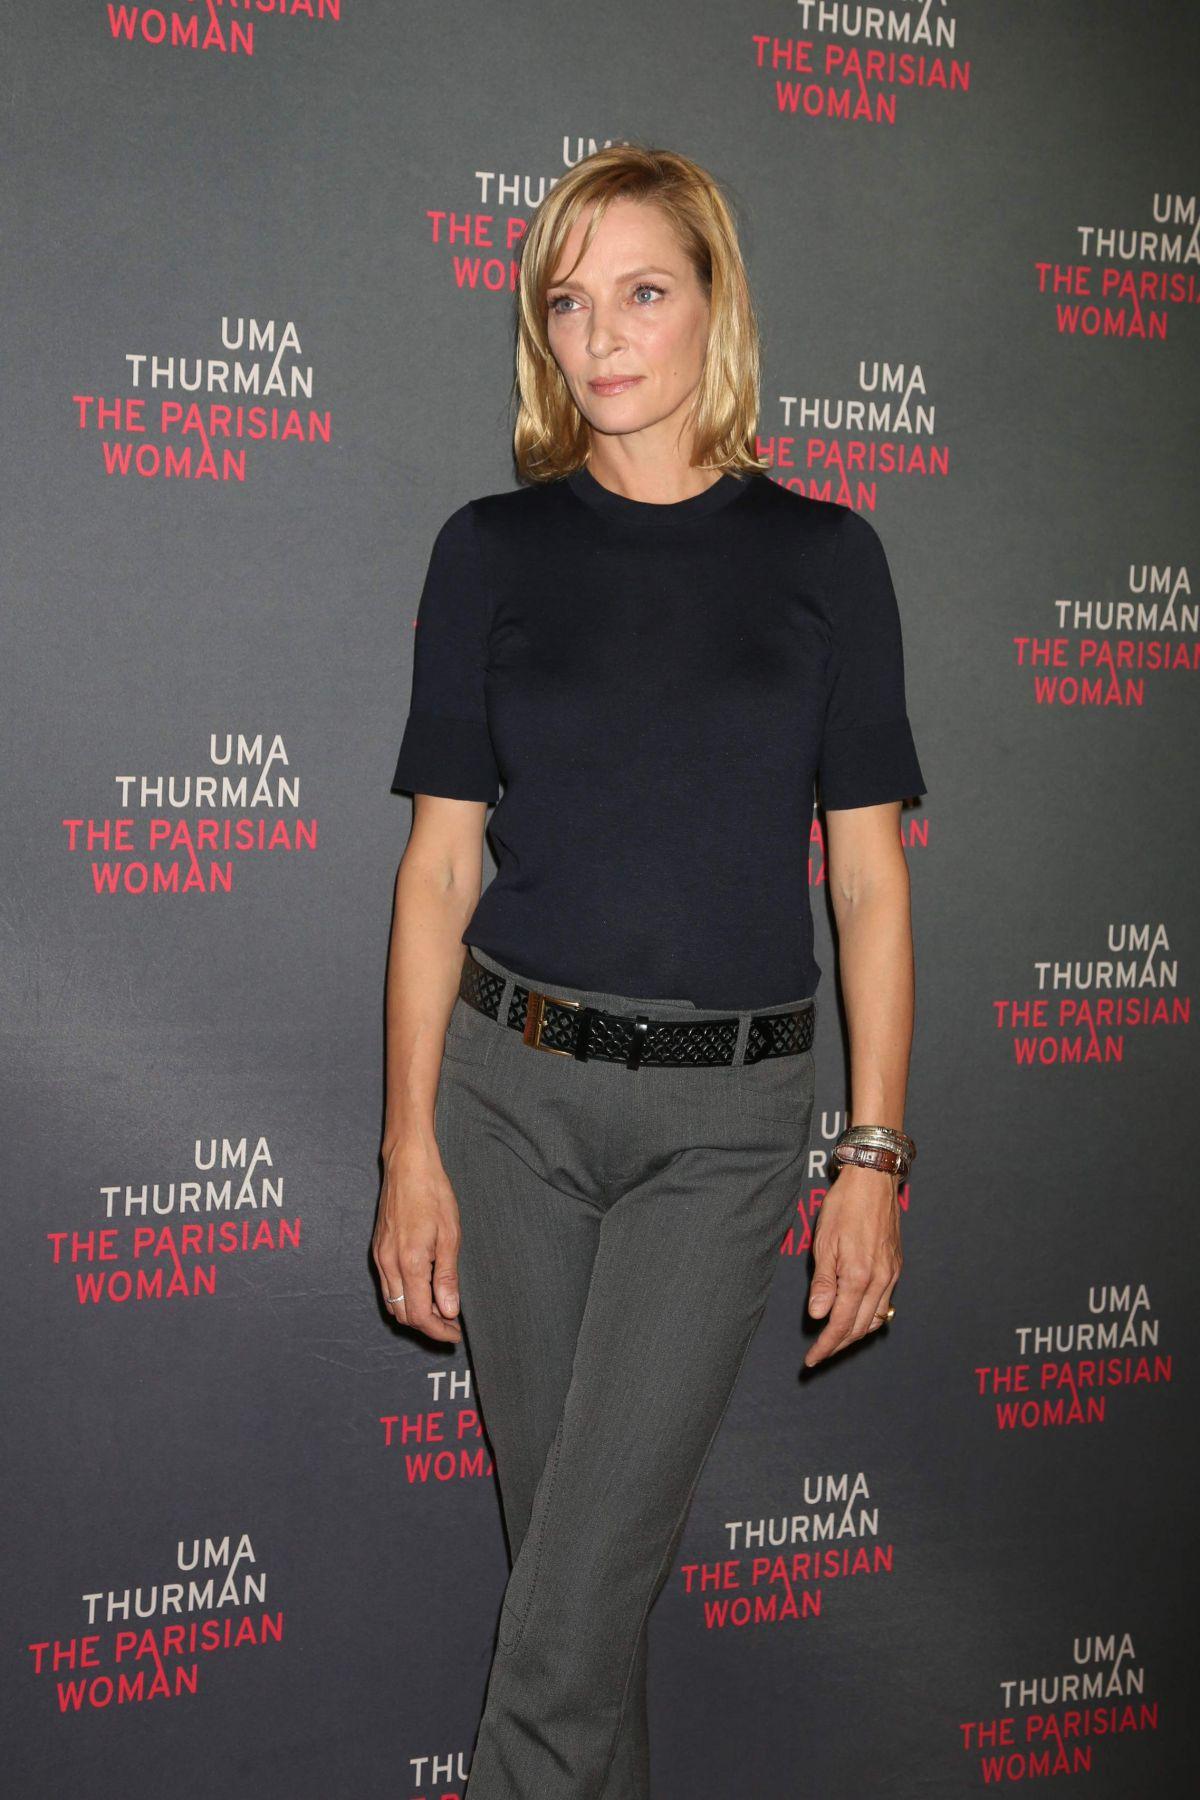 UMA THURMAN at The Par... Uma Thurman Broadway